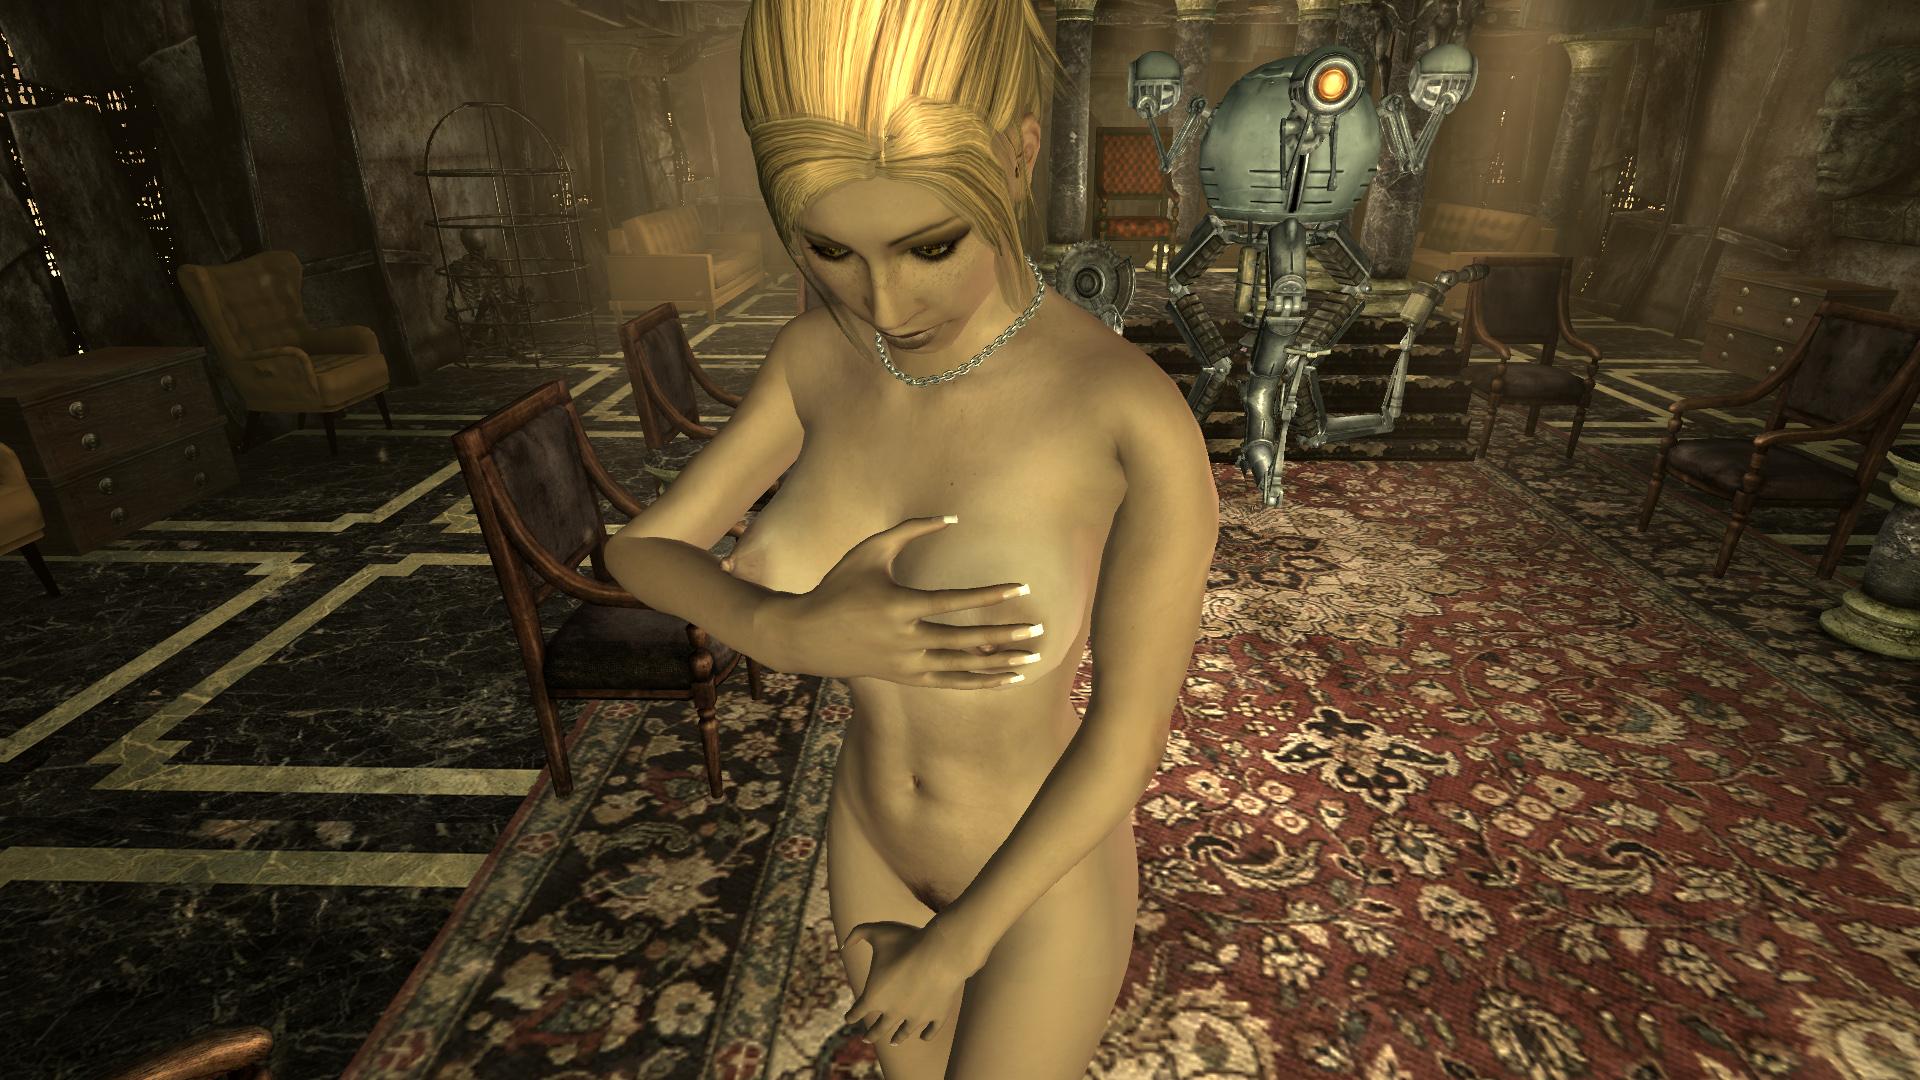 nv проститутки в fallout